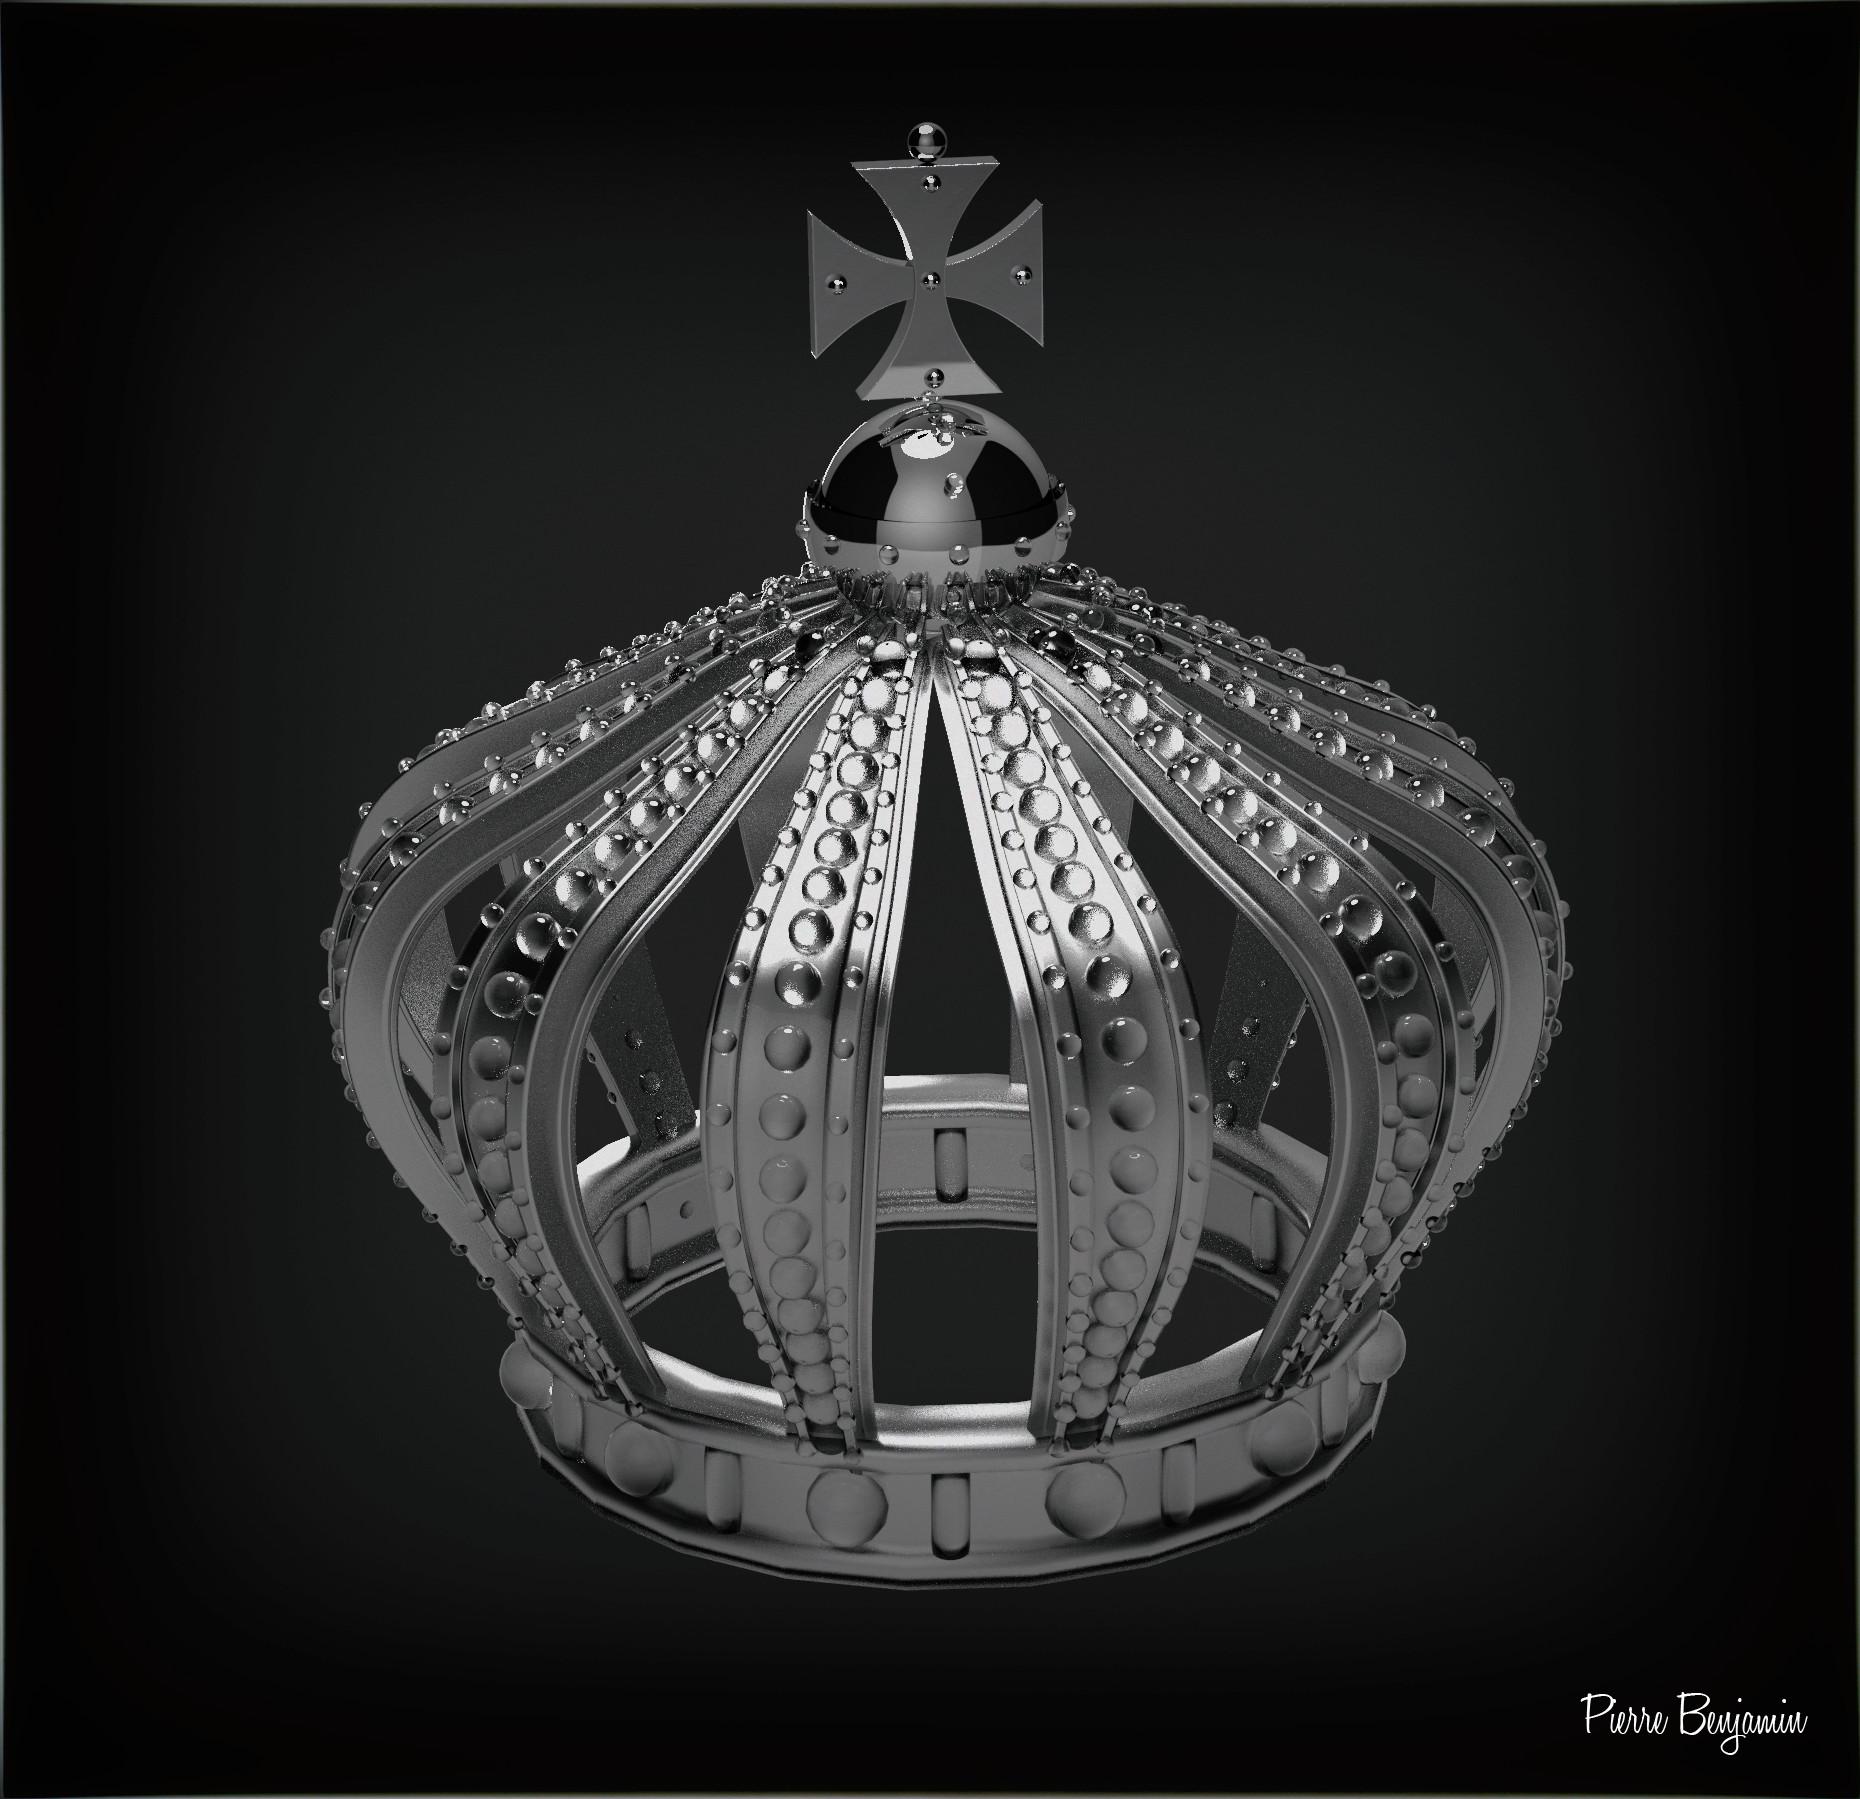 Pierre benjamin crown test render keyhshot 2442726fgthjfhgfd